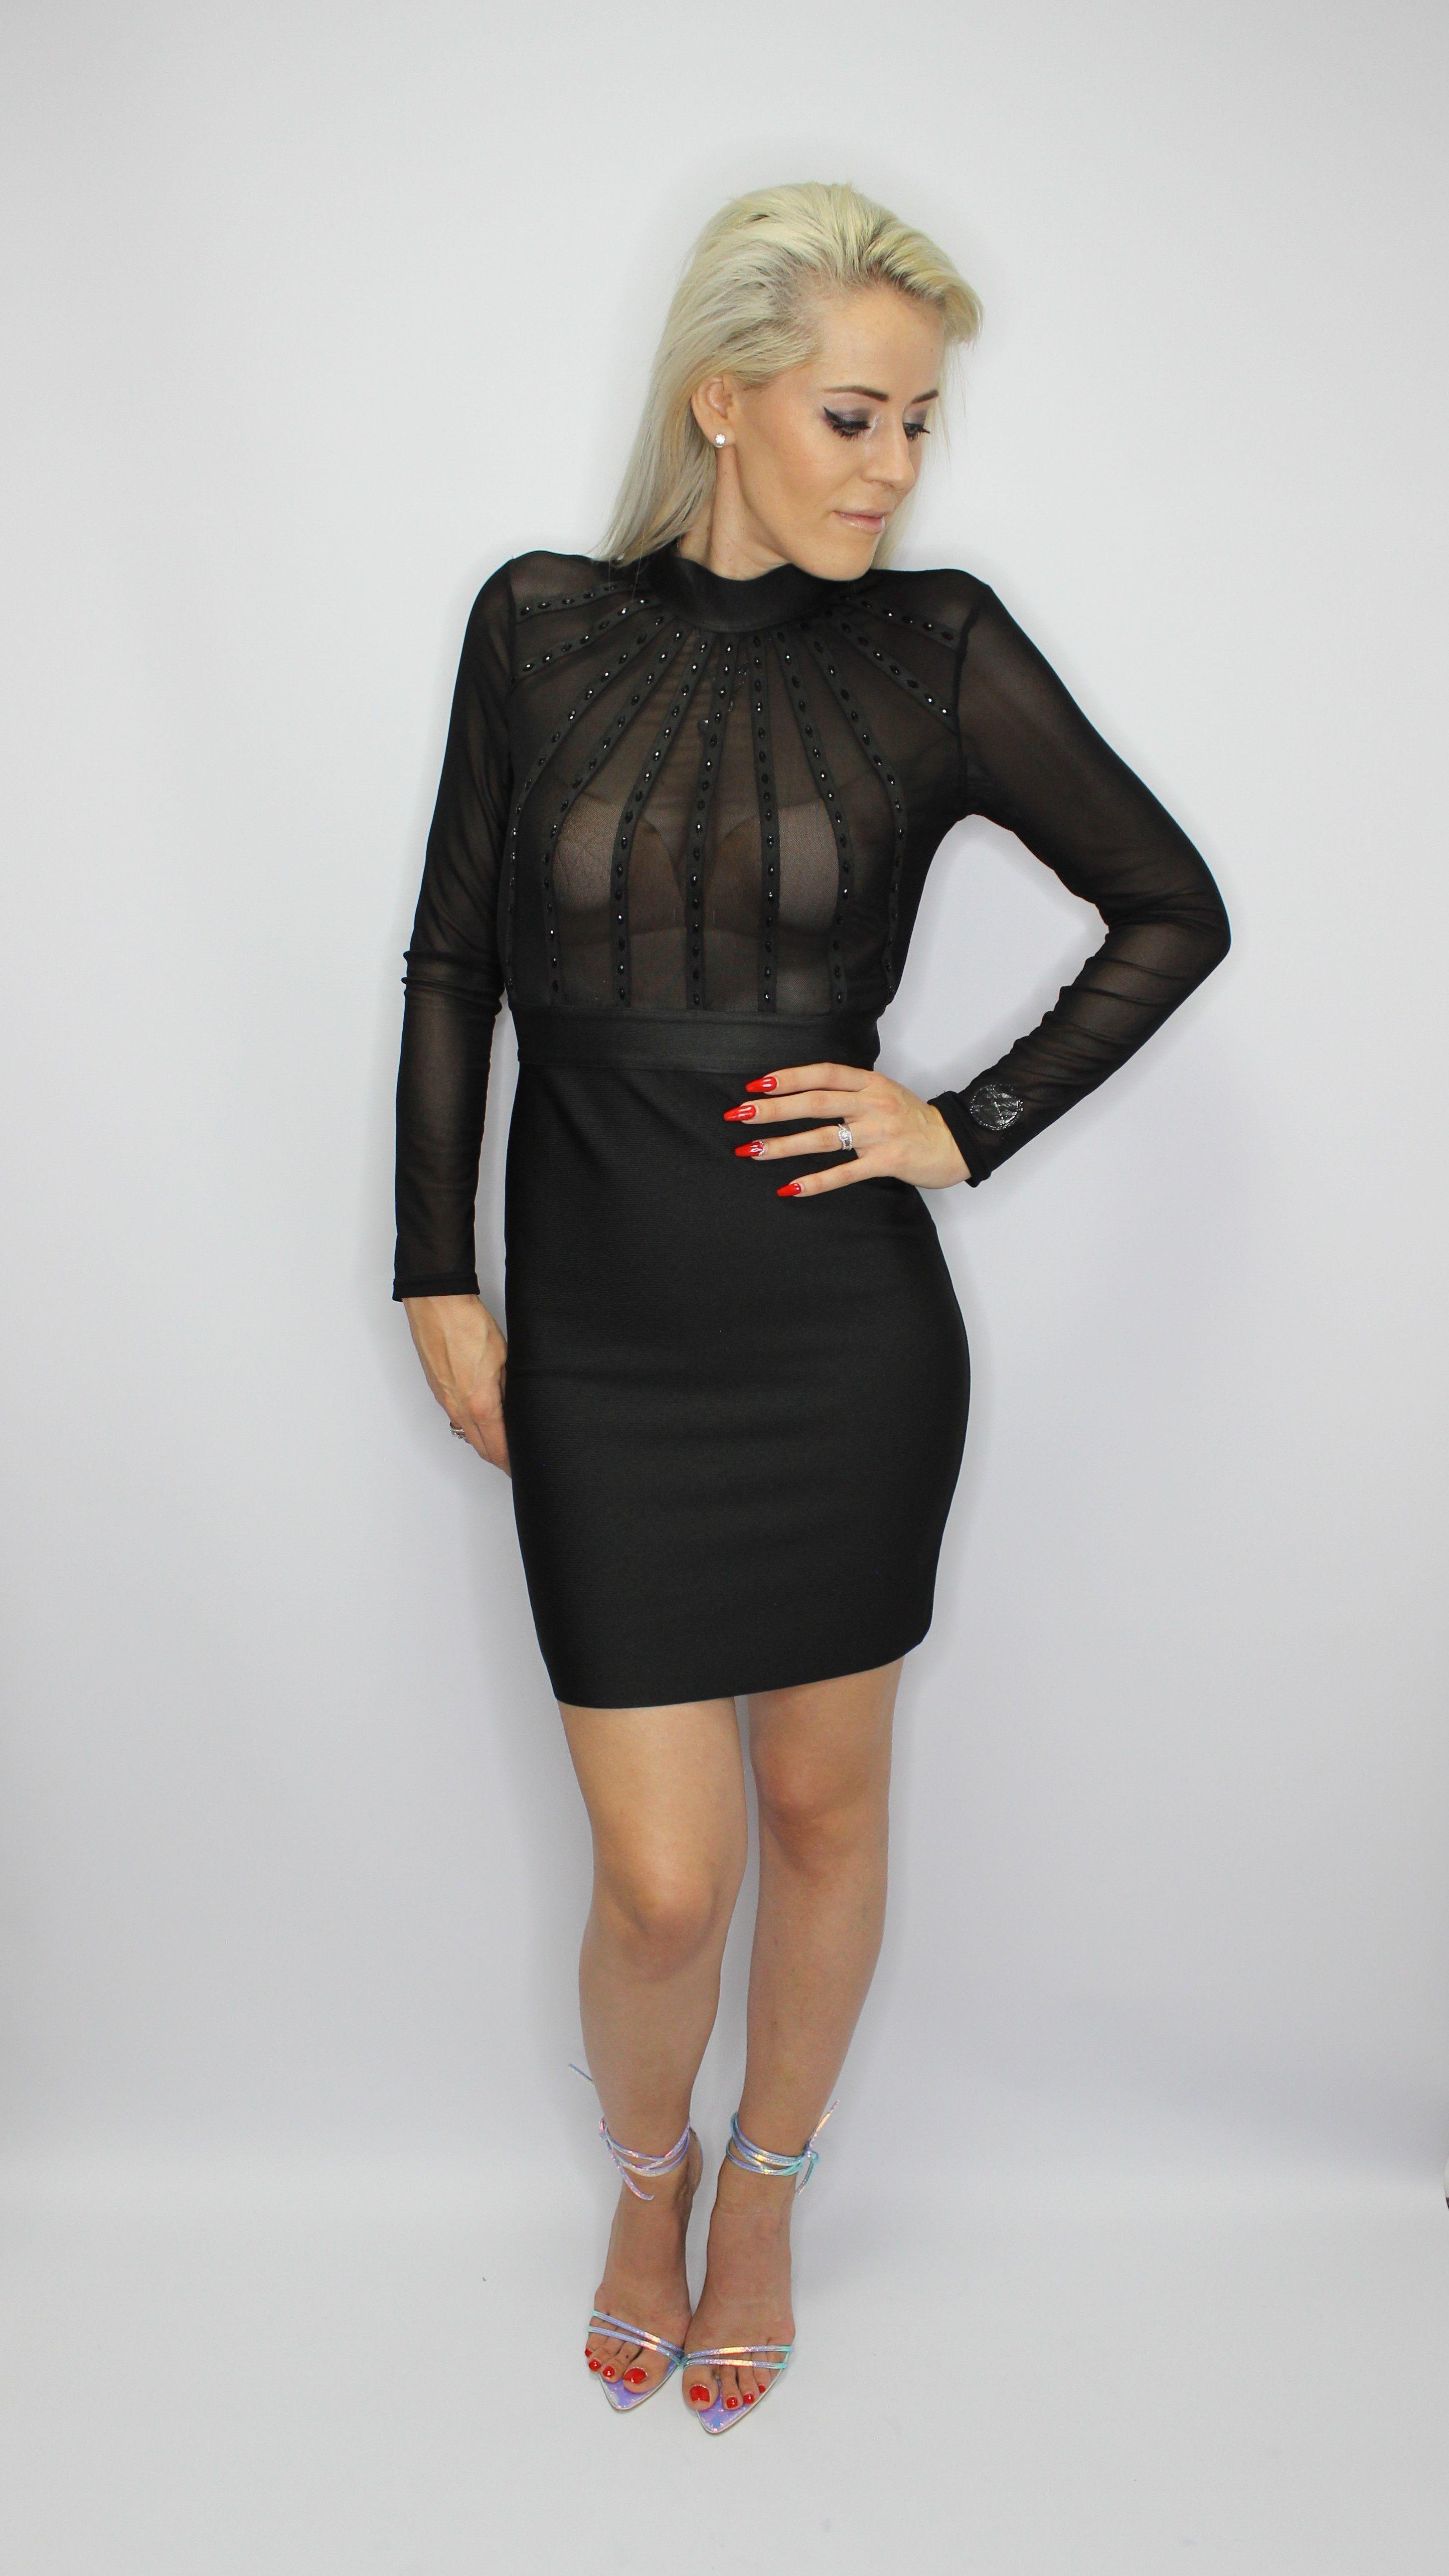 Luxurious Black Bandage Dress